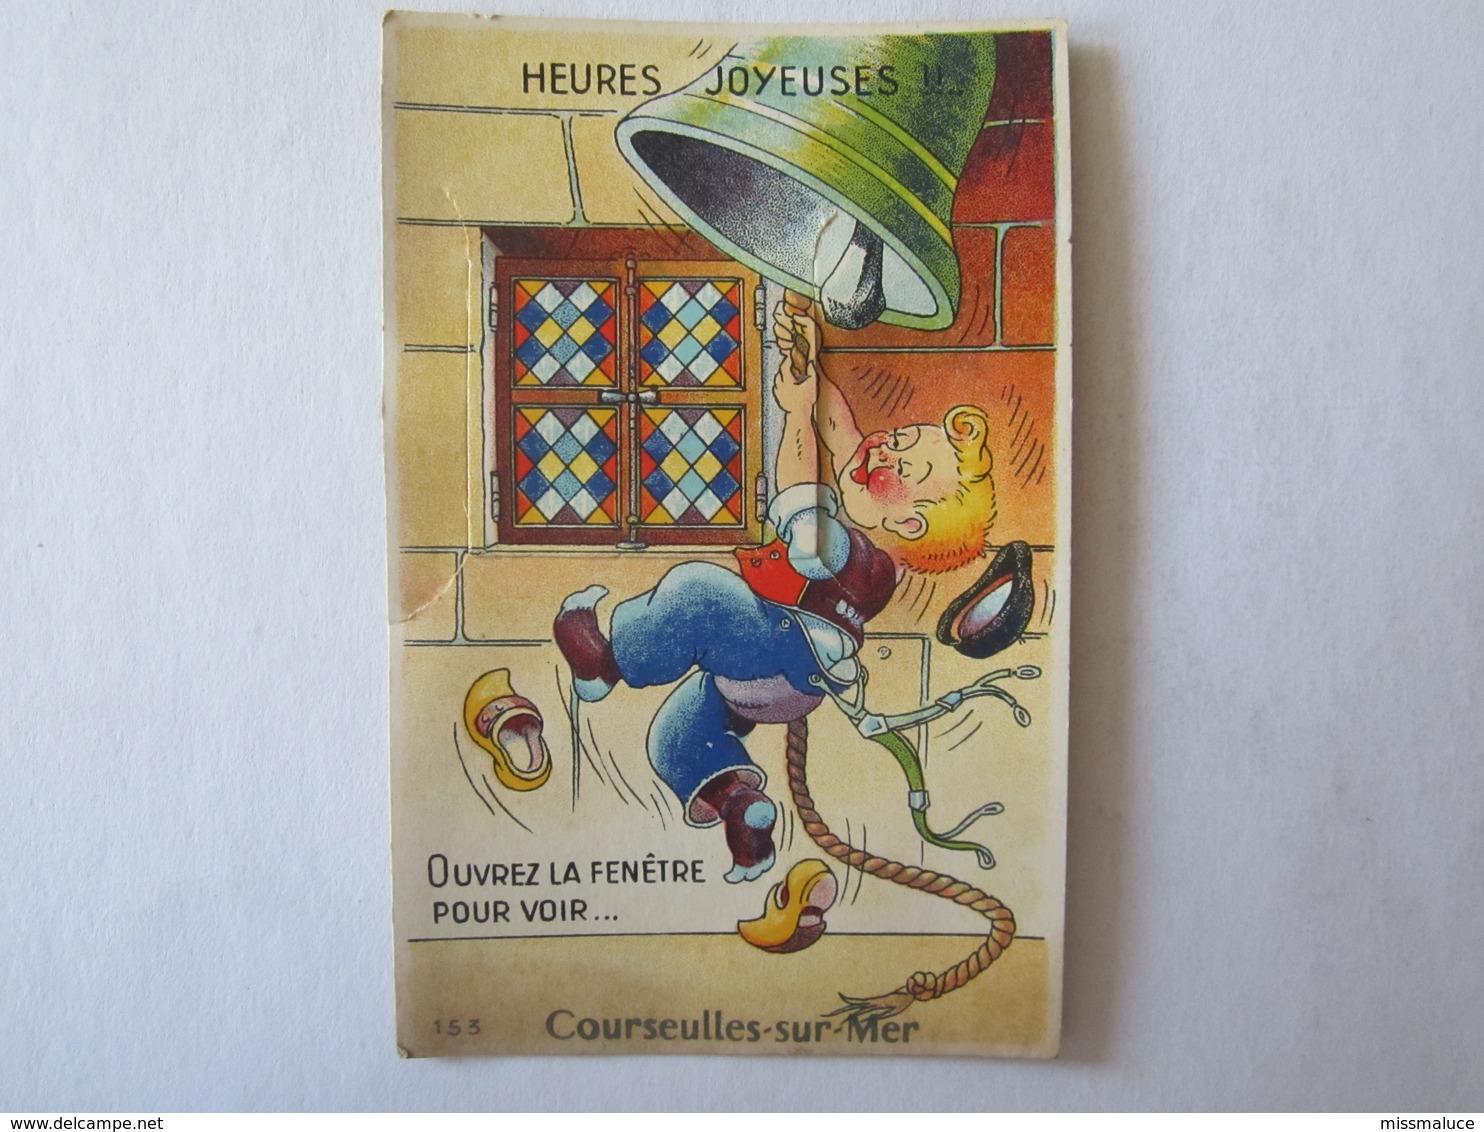 14 Calvados Courseulles Sur Mer Illustrateur Carte à Système (complet, Avec Dépliant) Heures Joyeuses Cloche - Courseulles-sur-Mer